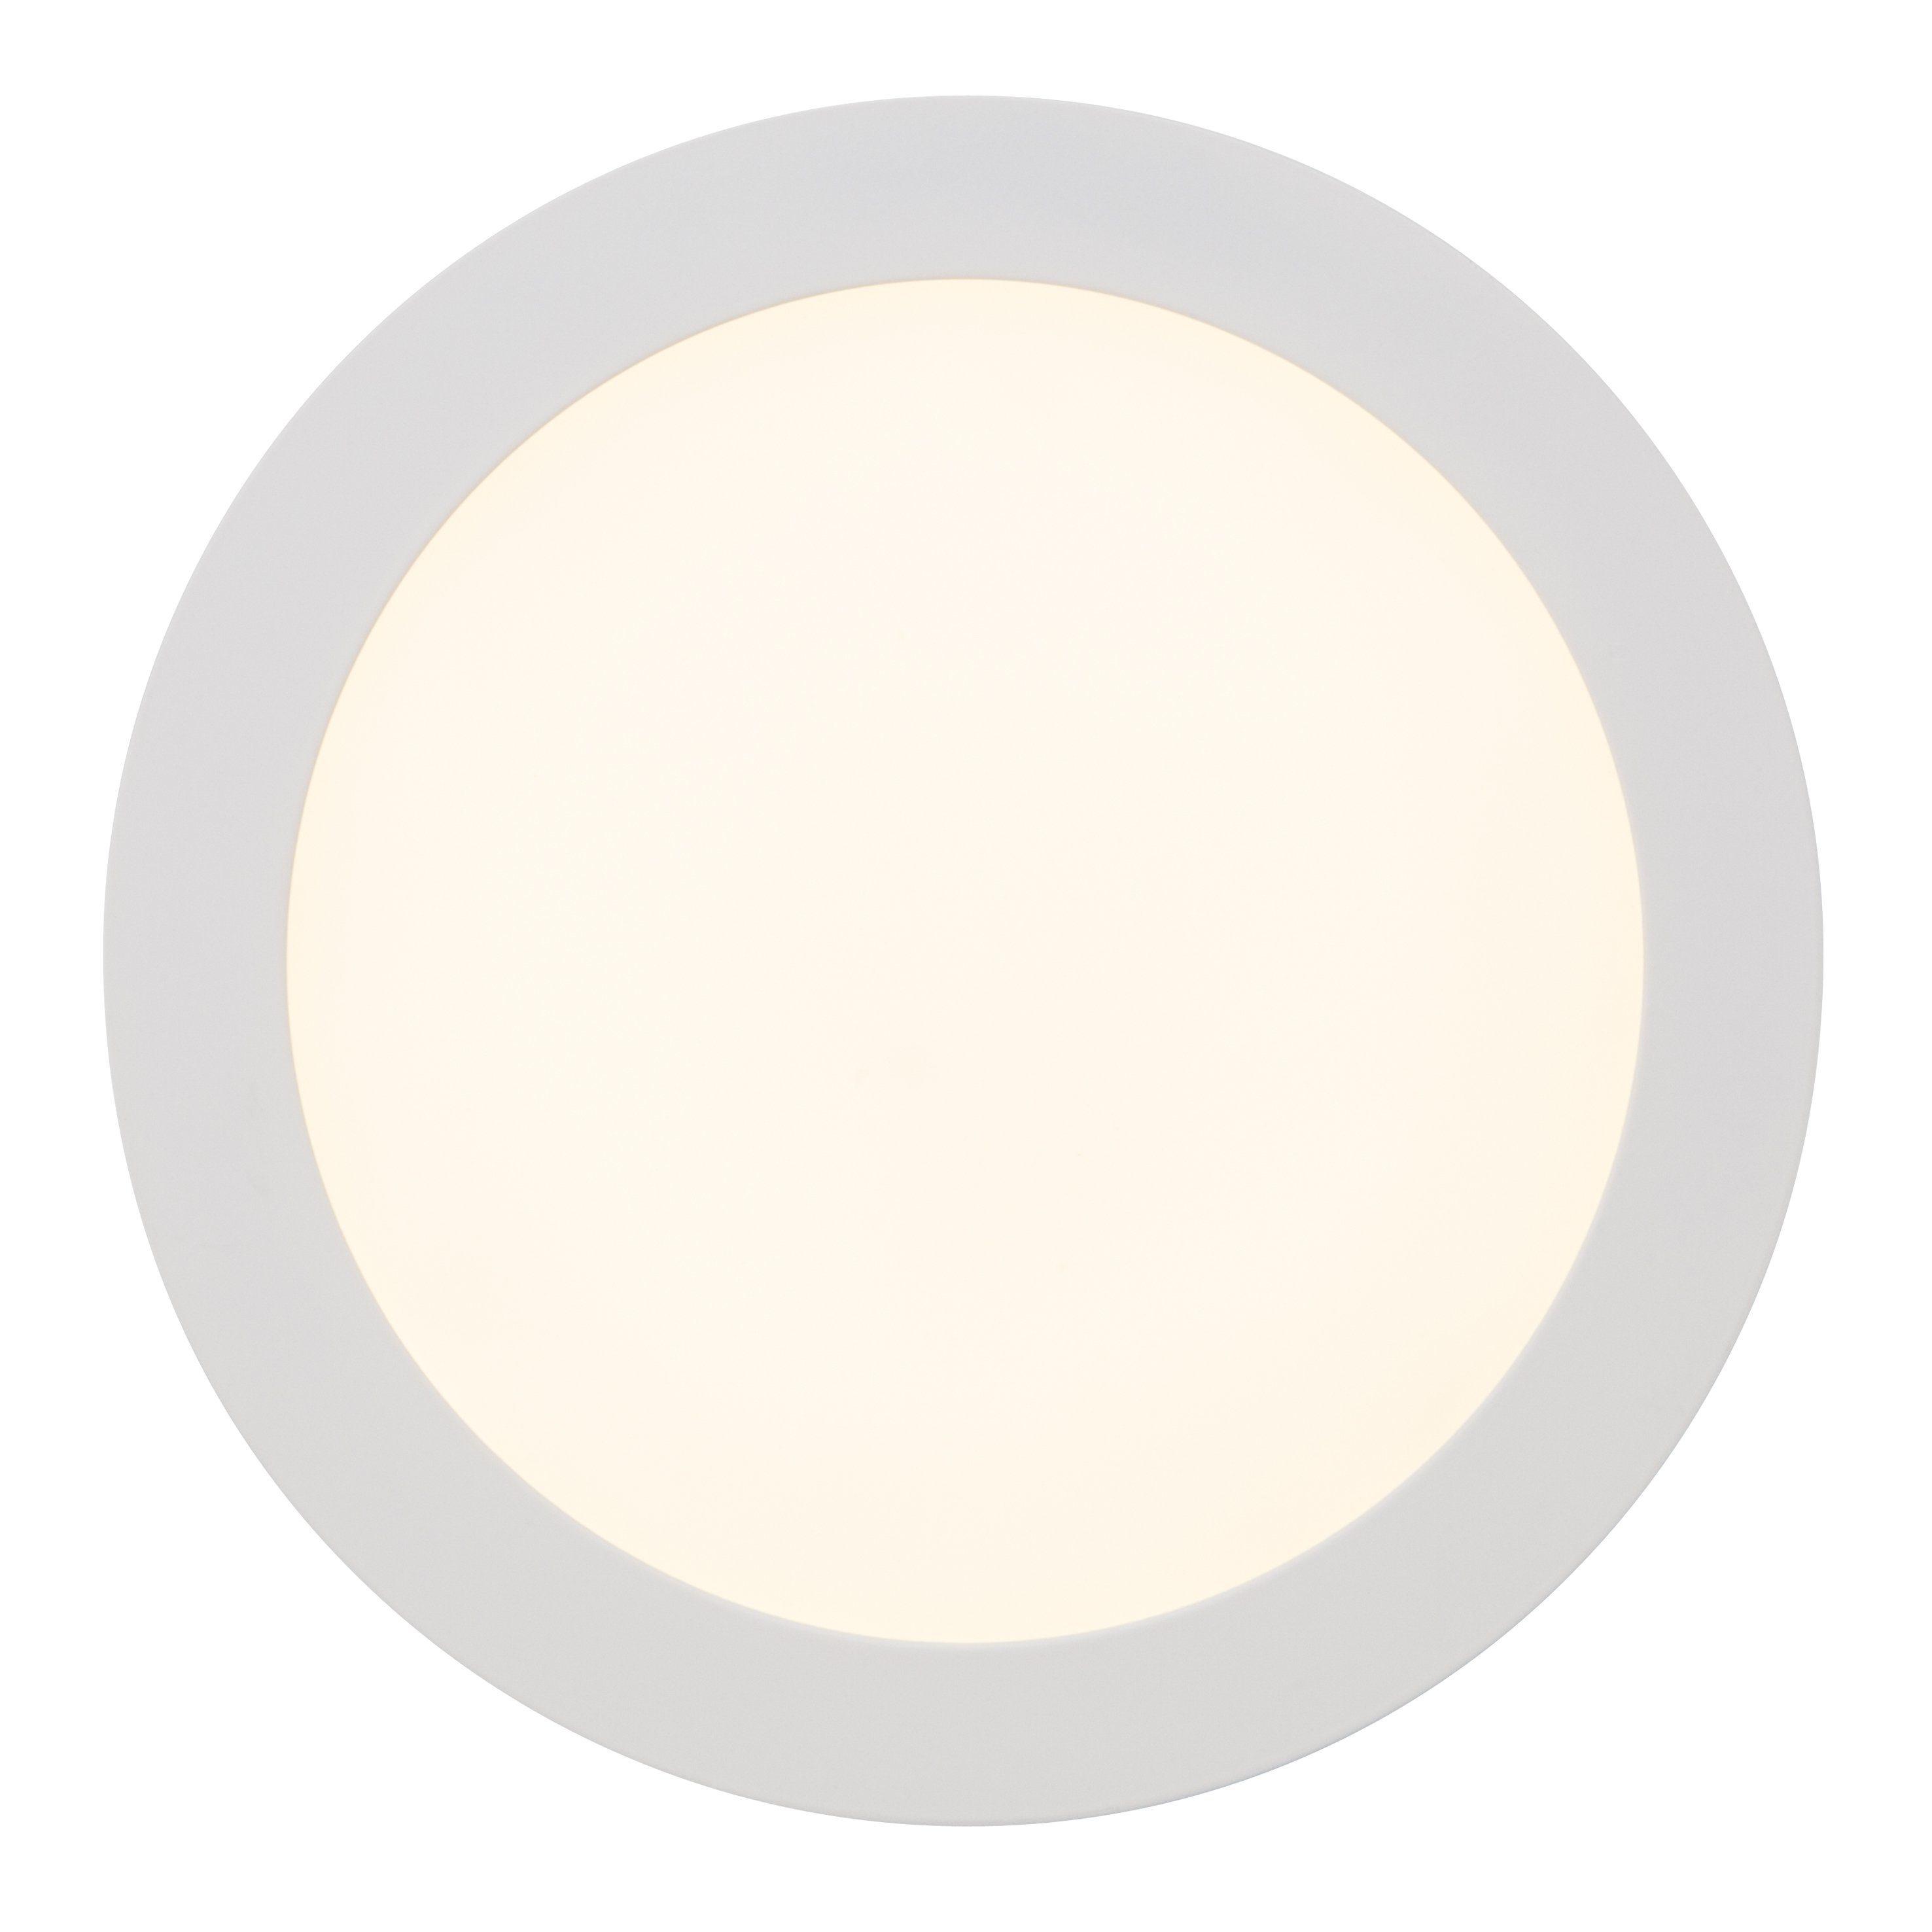 Brilliant Leuchten Laureen LED Einbauleuchte 18W weiß